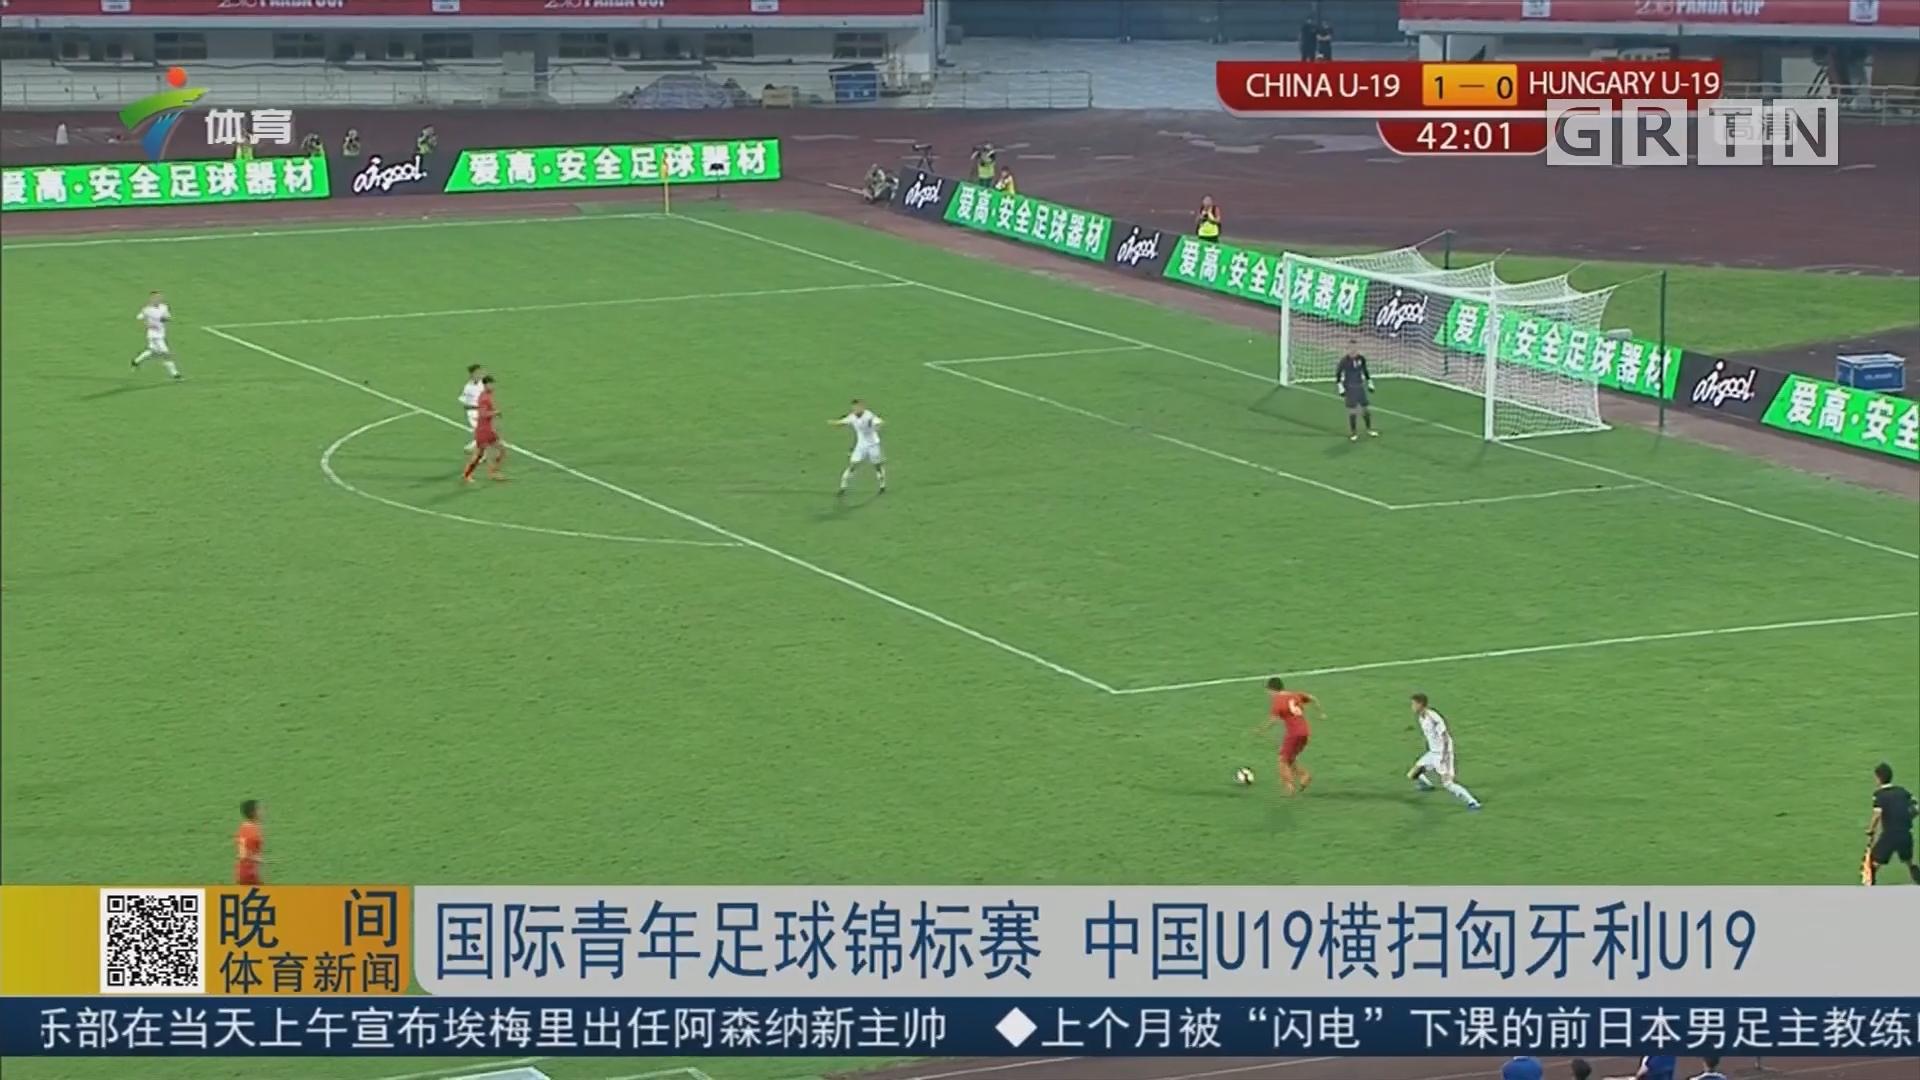 国际青年足球锦标赛 中国U19横扫匈牙利U19